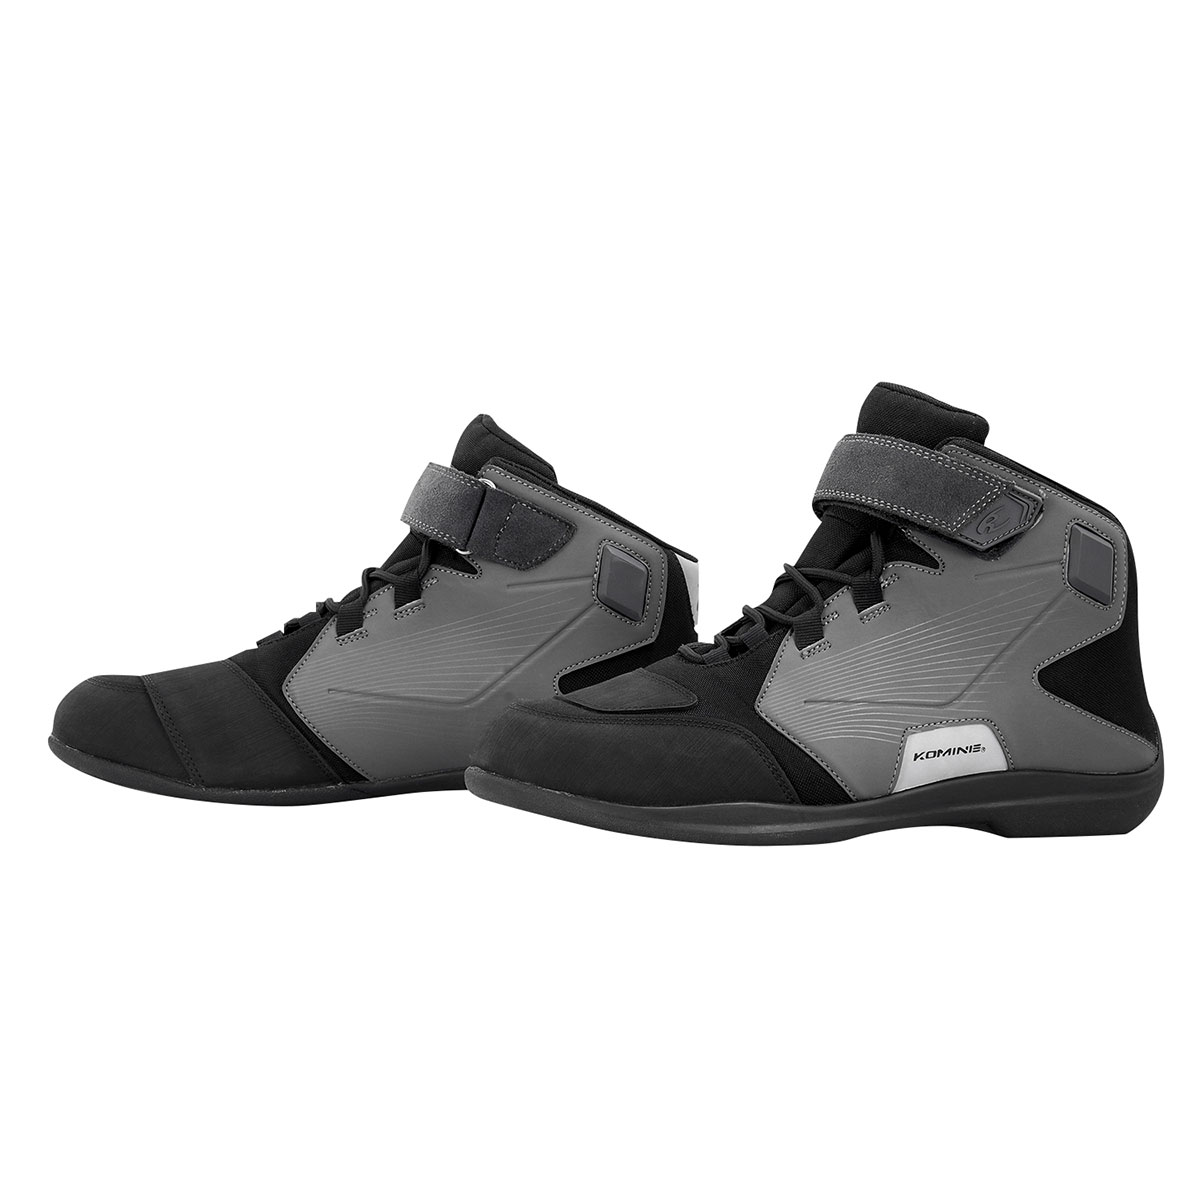 コミネ Komine バイク用 フットウェア シューズ ブーツ 価格交渉OK送料無料 footwear Shoes 26.5cm 05-088 BK-088 BK Boots 安心の定価販売 ブラック ウォータープルーフライディングシューズ 26.5